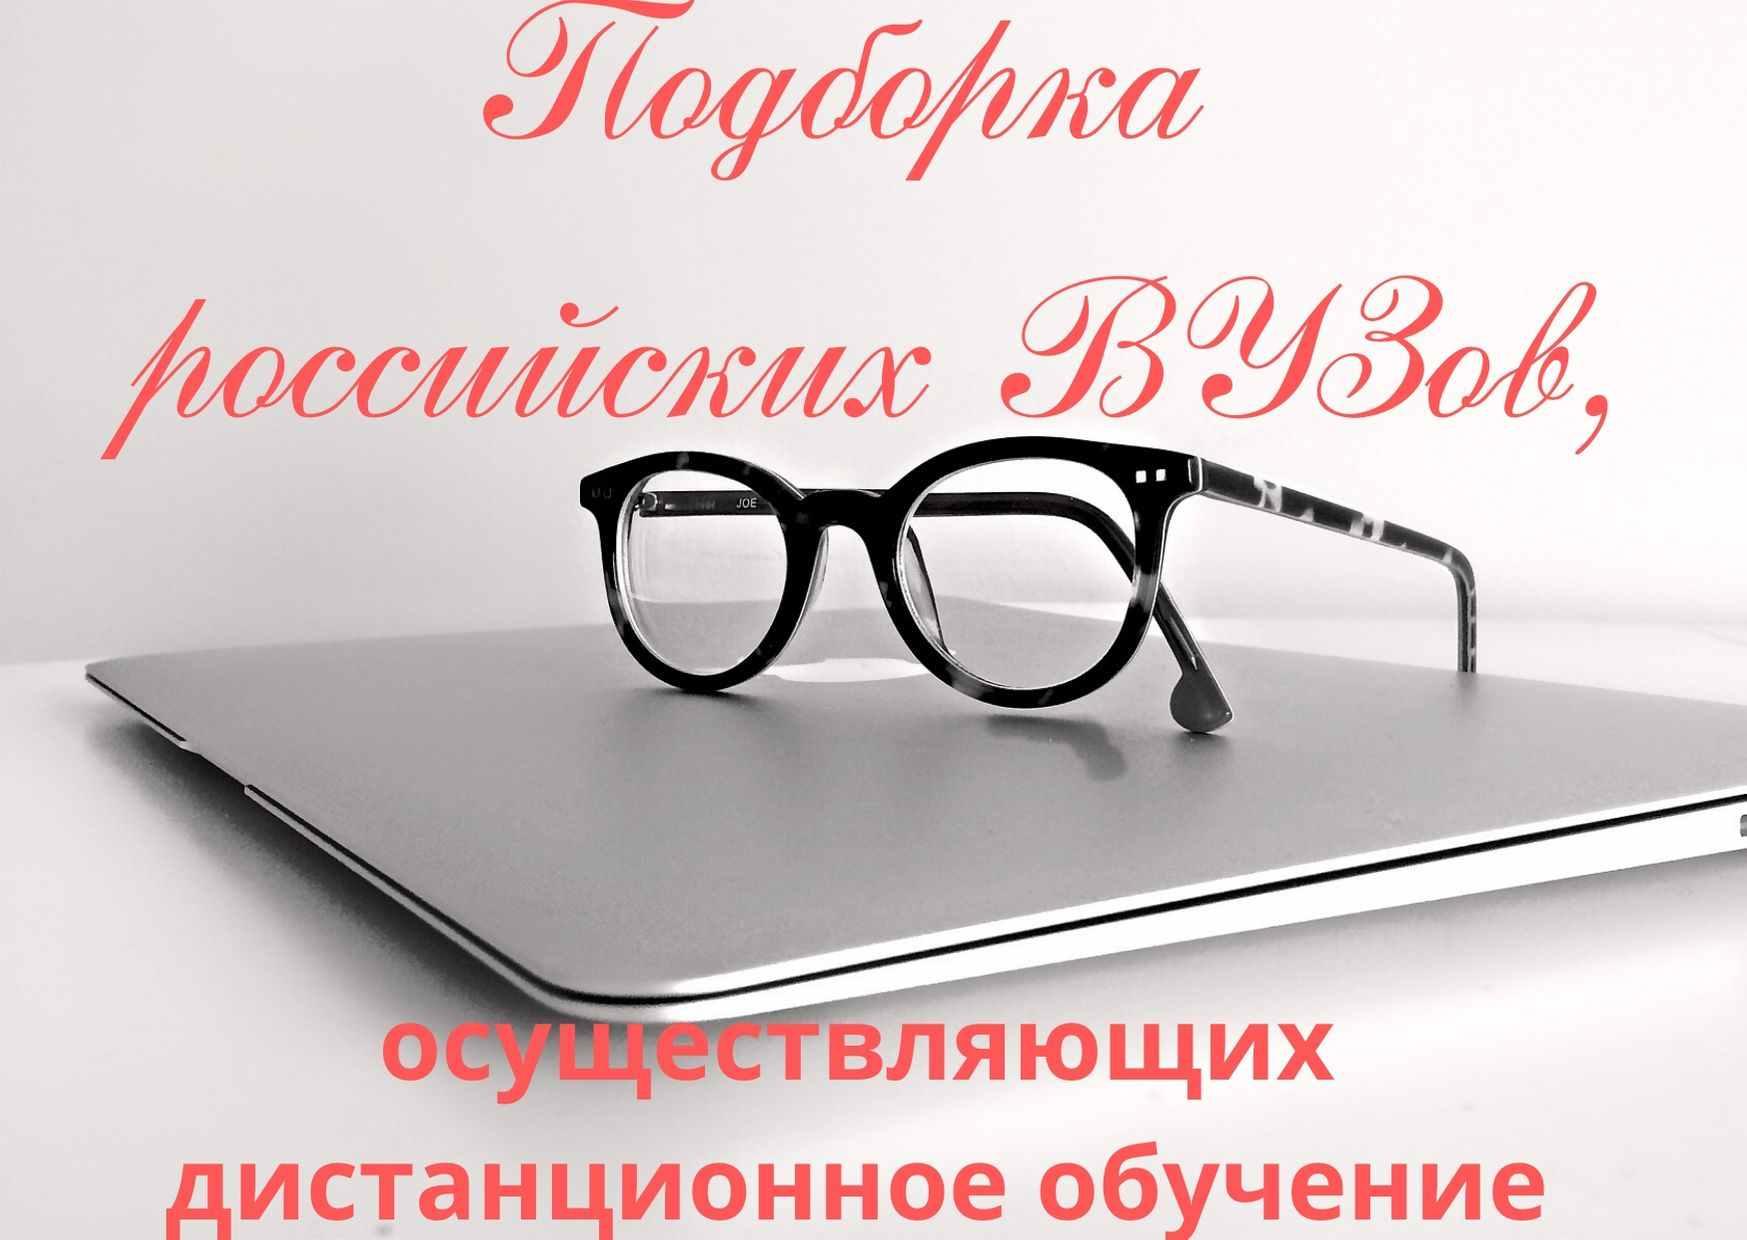 Подборка российских ВУЗов, осуществляющих дистанционное обучение